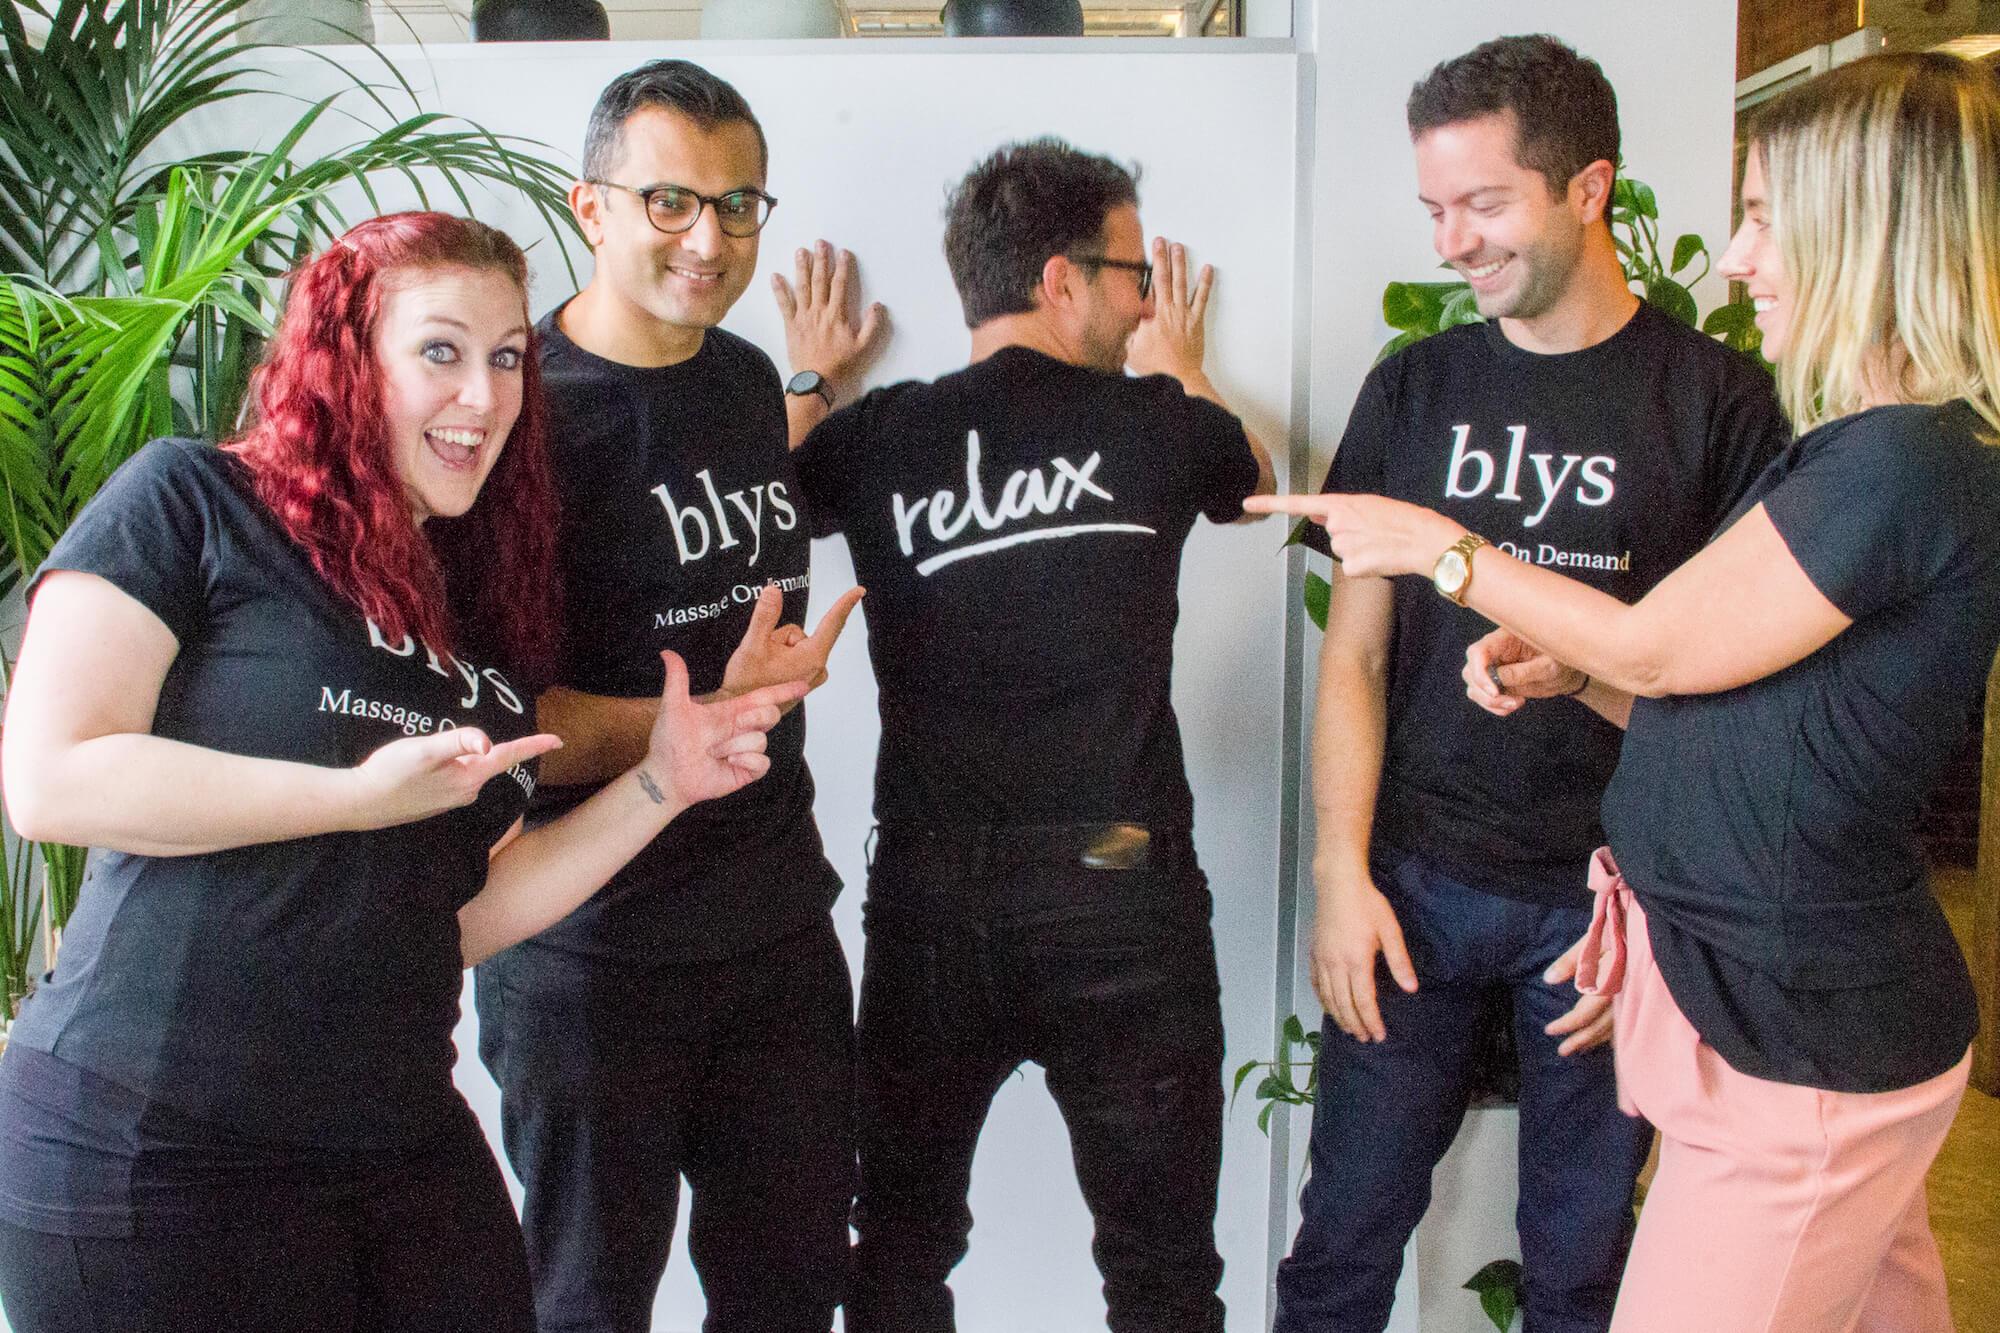 Blys Sydney team at HQ